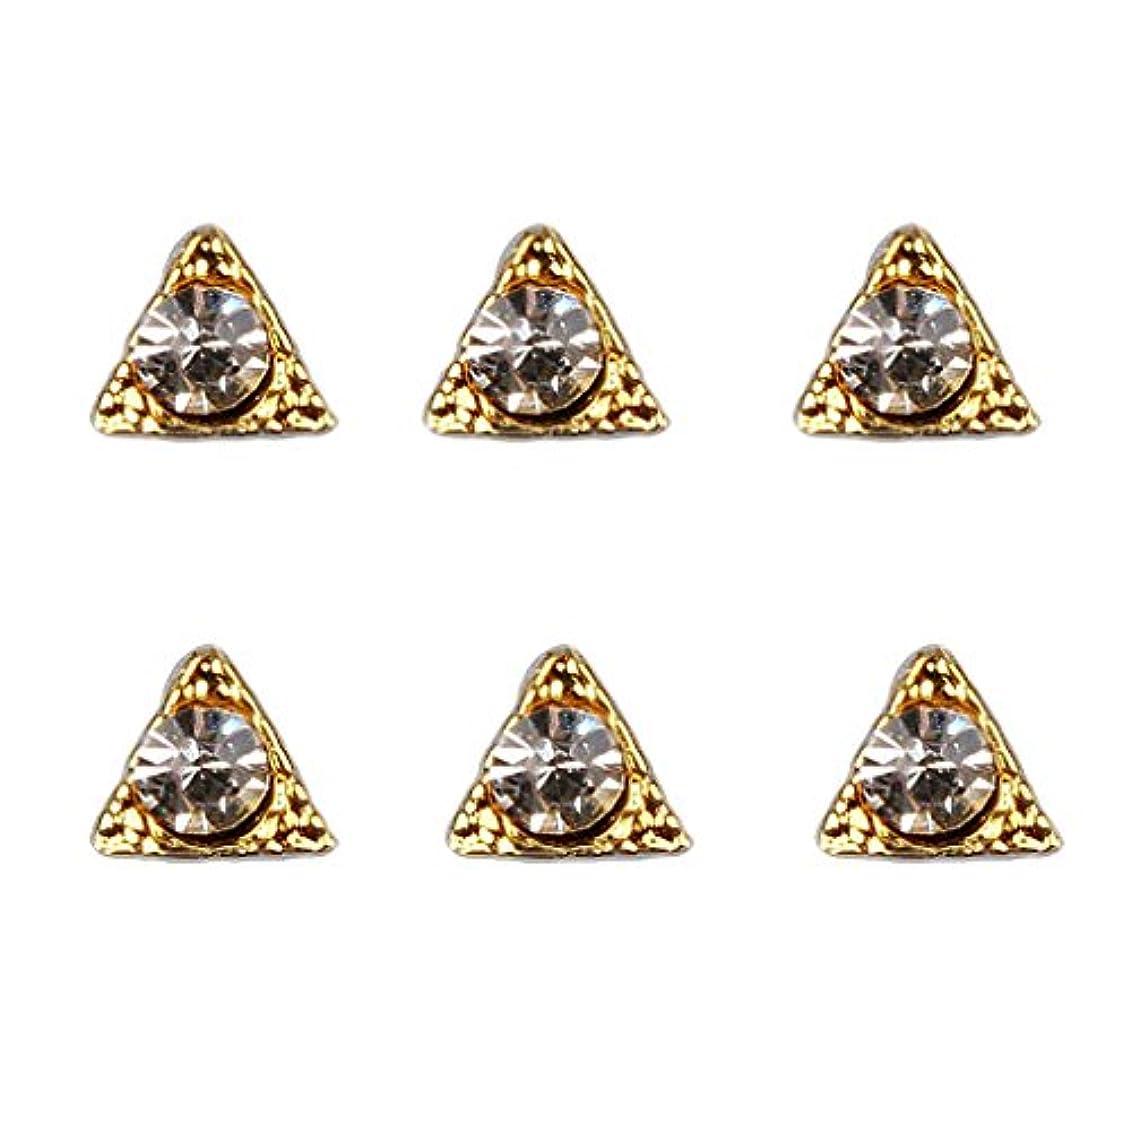 実質的ブラウス批判的ネイル ネイルデザイン ダイヤモンド 3Dネイルアート ヒントステッカー デコレーション 50個入り - 7